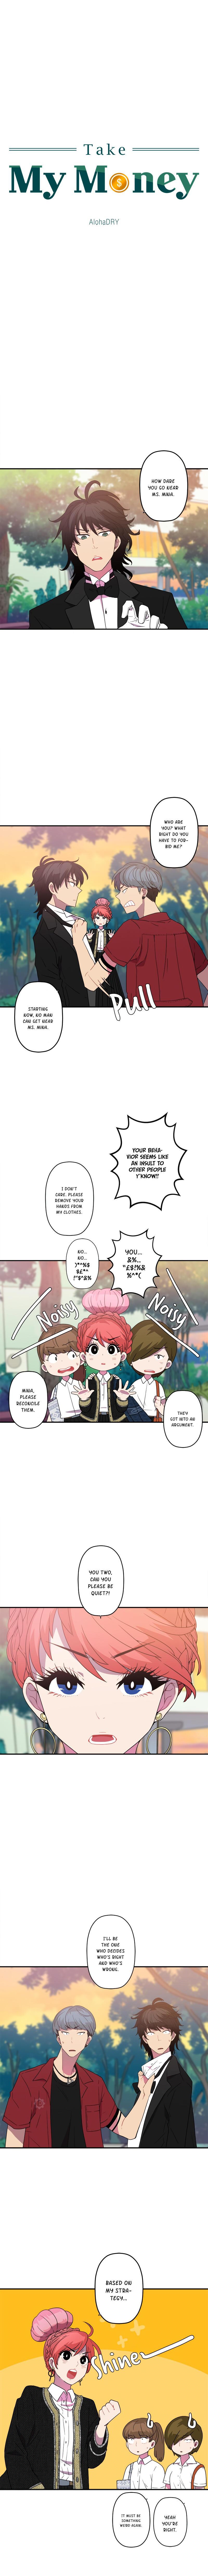 Take My Money Chapter 34 page 1 - Mangakakalots.com